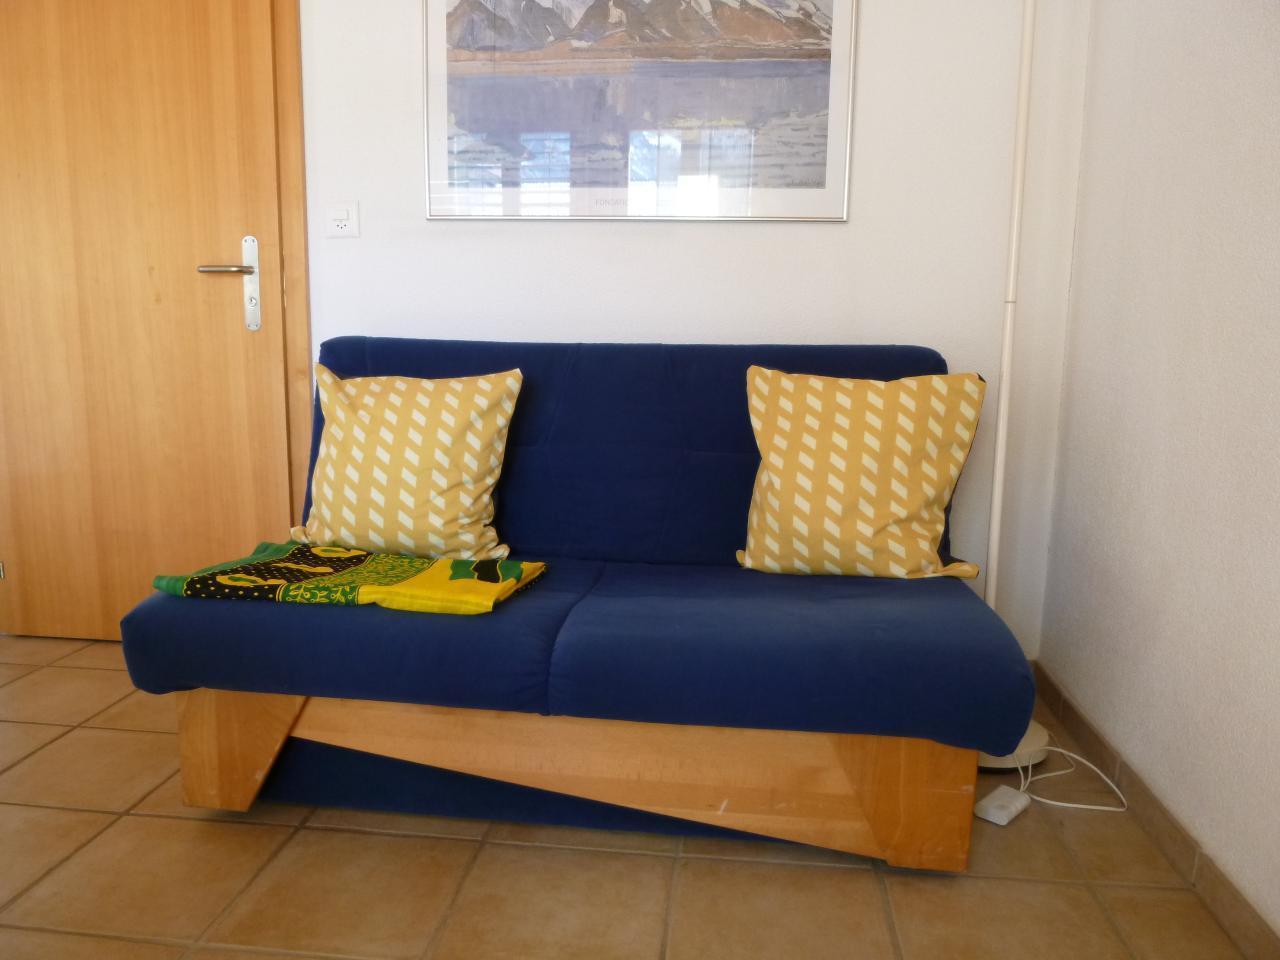 Appartement de vacances 2-Zimmer Wohnung im Ferienparadies Kandertal (2385249), Kandergrund, Adelboden - Frutigen - Kandersteg, Oberland bernois, Suisse, image 9